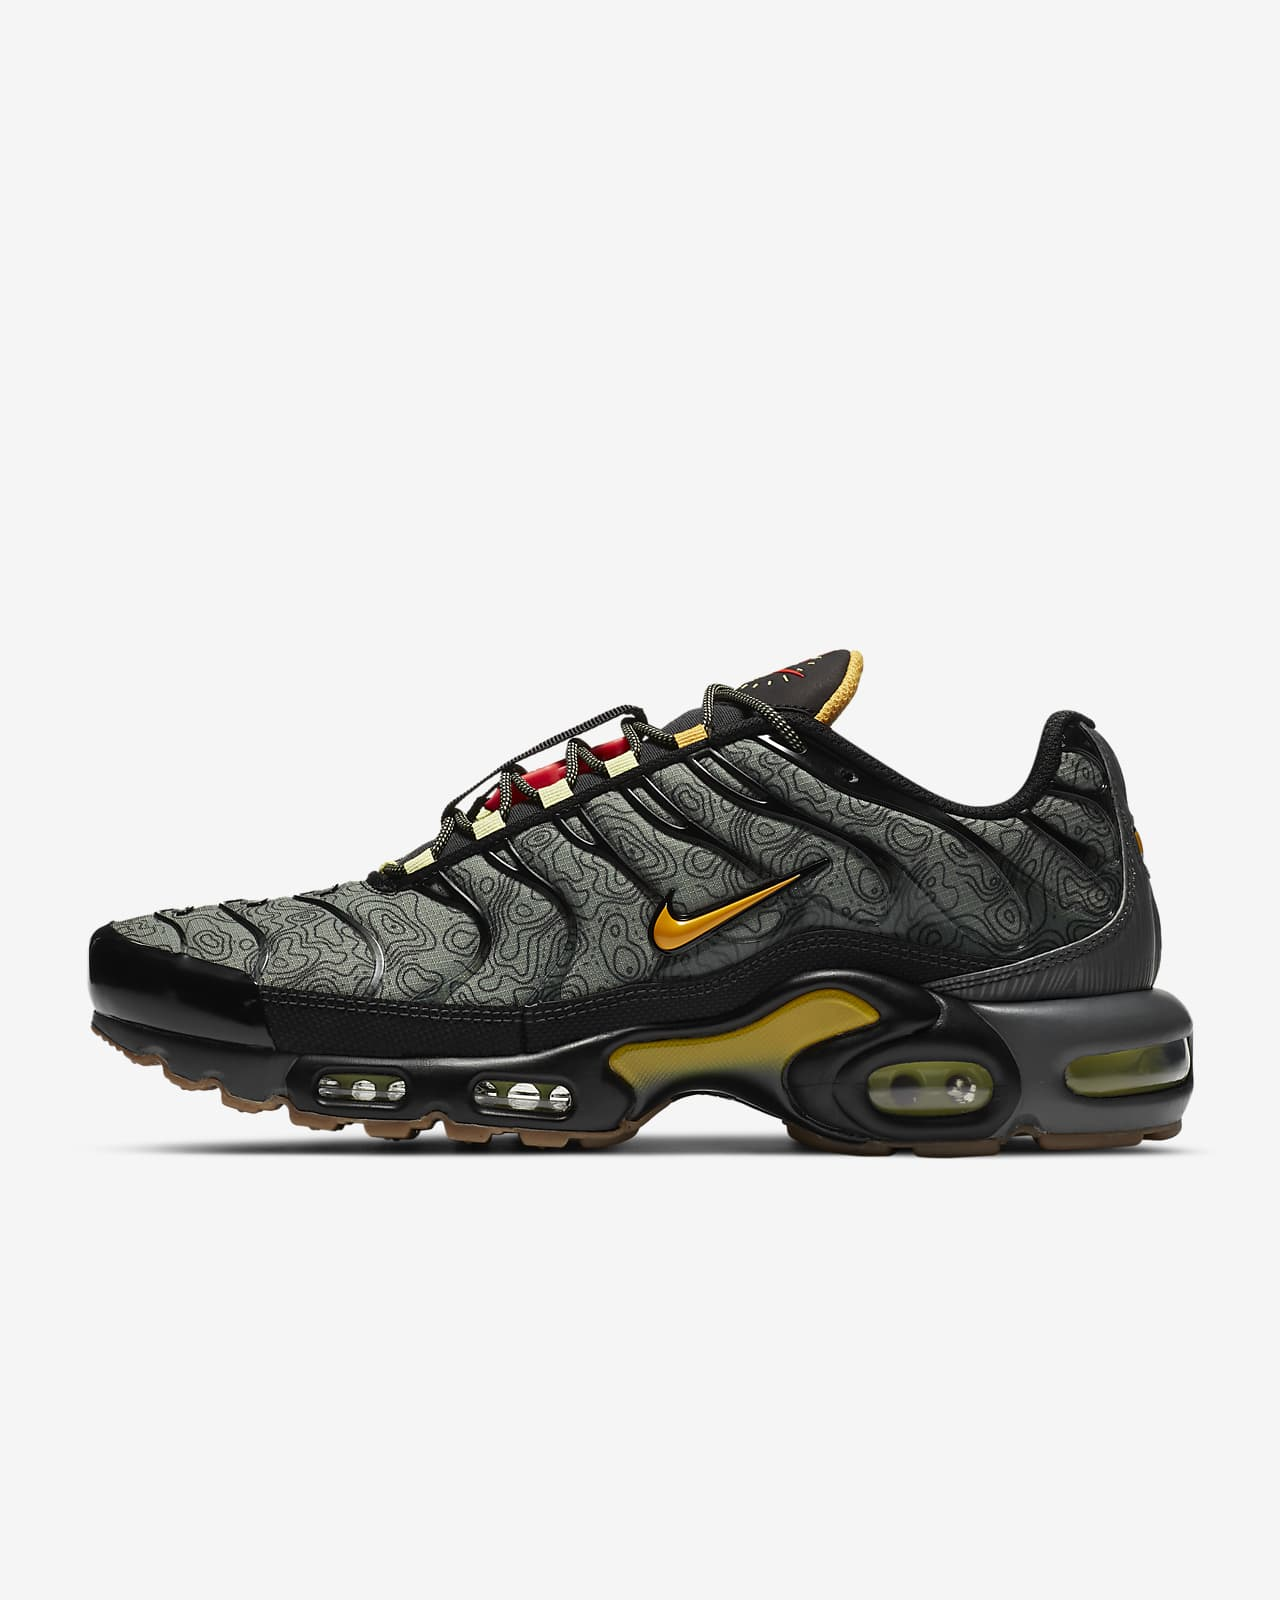 chaussure nike air max homme